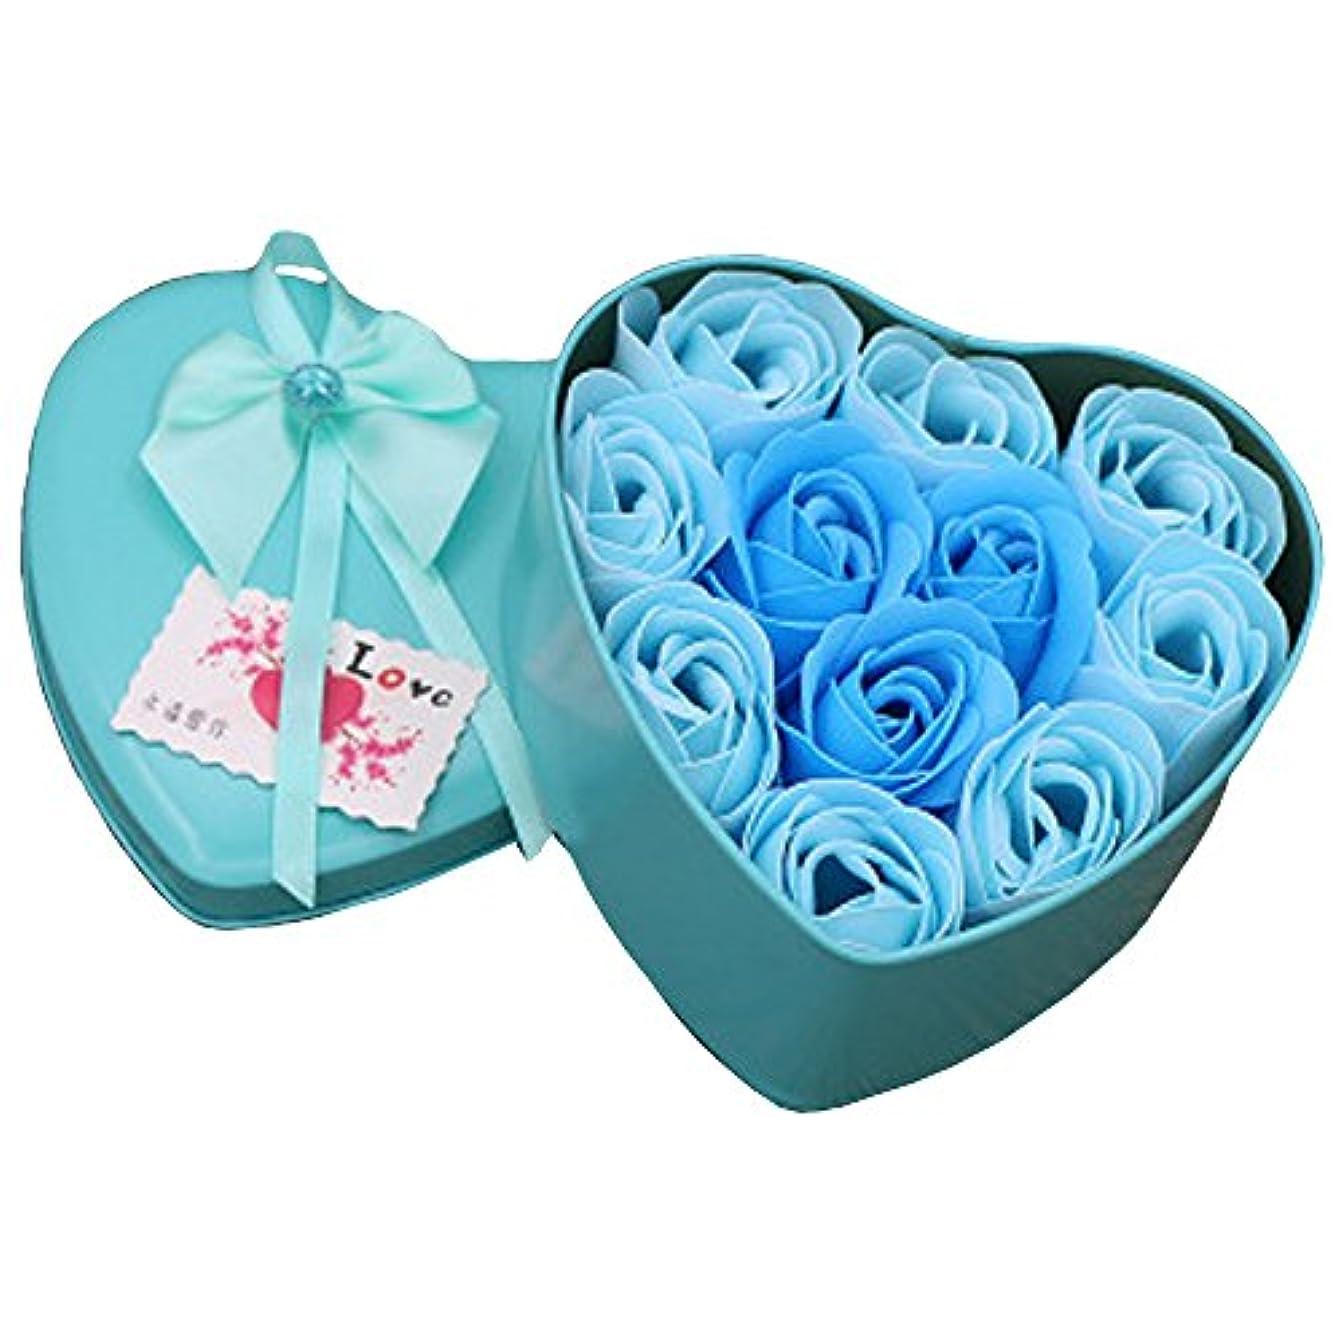 スイング原因近々iCoole ソープフラワー 石鹸花 ハードフラワー形状 ギフトボックス入り 母の日 バレンタインデー お誕生日 ギフト